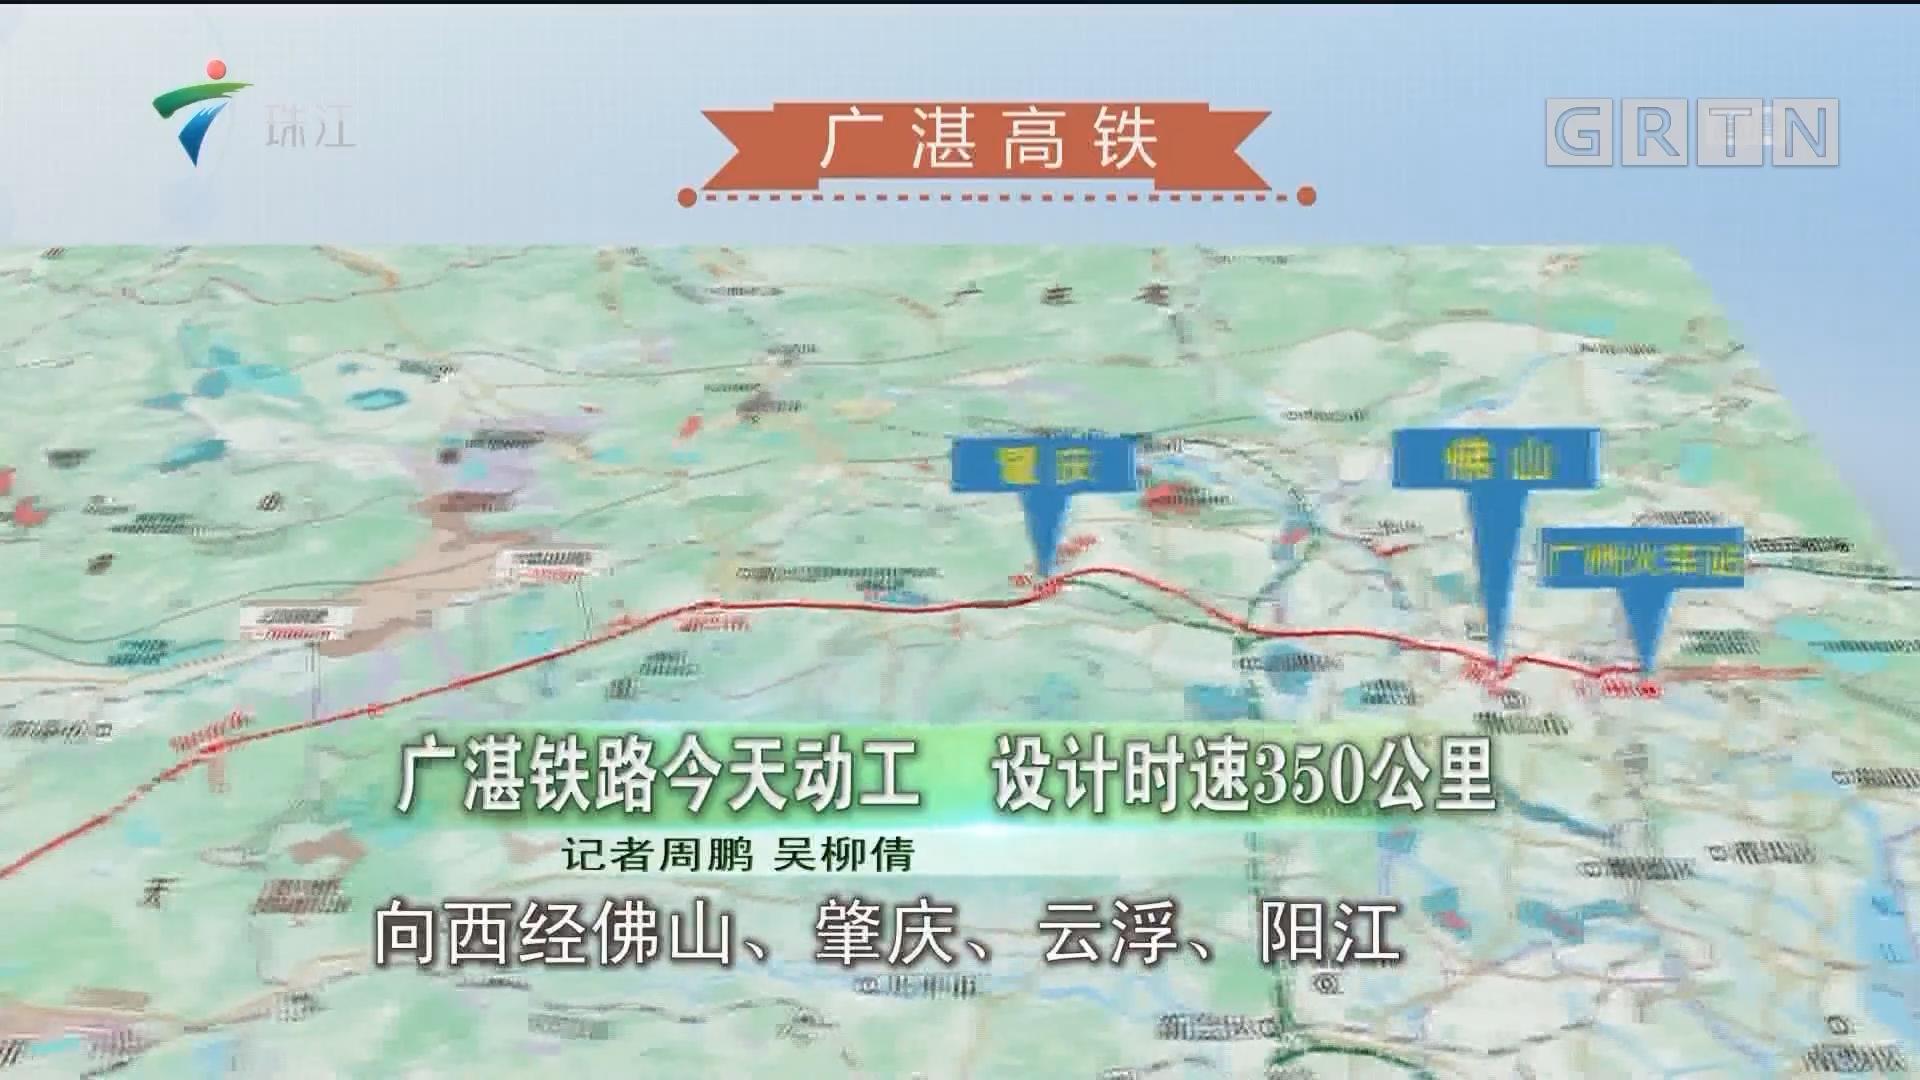 广湛铁路今天动工 设计时速350公里